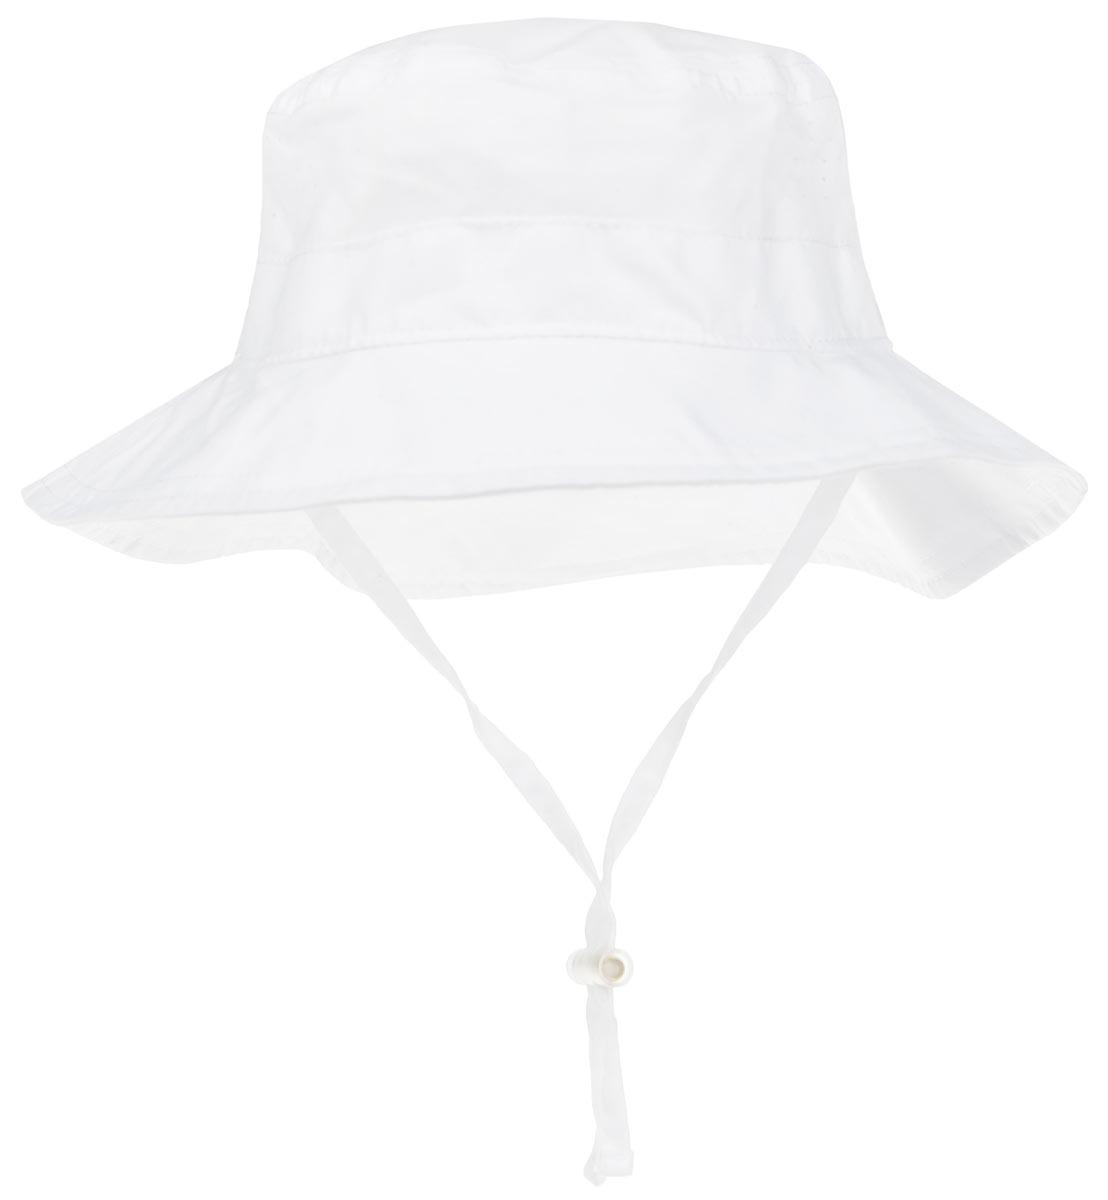 Панама детская Tropiсal. 518350518350_0100Детская панама Reima Tropiсal идеально подойдет вашему ребенку в теплое время года. Изготовленная из 100% полиэстера, она не раздражает даже самую нежную и чувствительную кожу, позволяет ей дышать. Изделие обеспечивает эффективную защиту от вредных солнечных лучей благодаря УФ-фильтру 50+. Модель с широкими полями дополнена специальными прорезями для вентиляции и дополнена завязками на стоппере. Такая панама надежно защитит голову ребенка от перегревания, а глаза от попадания прямого солнечного света.